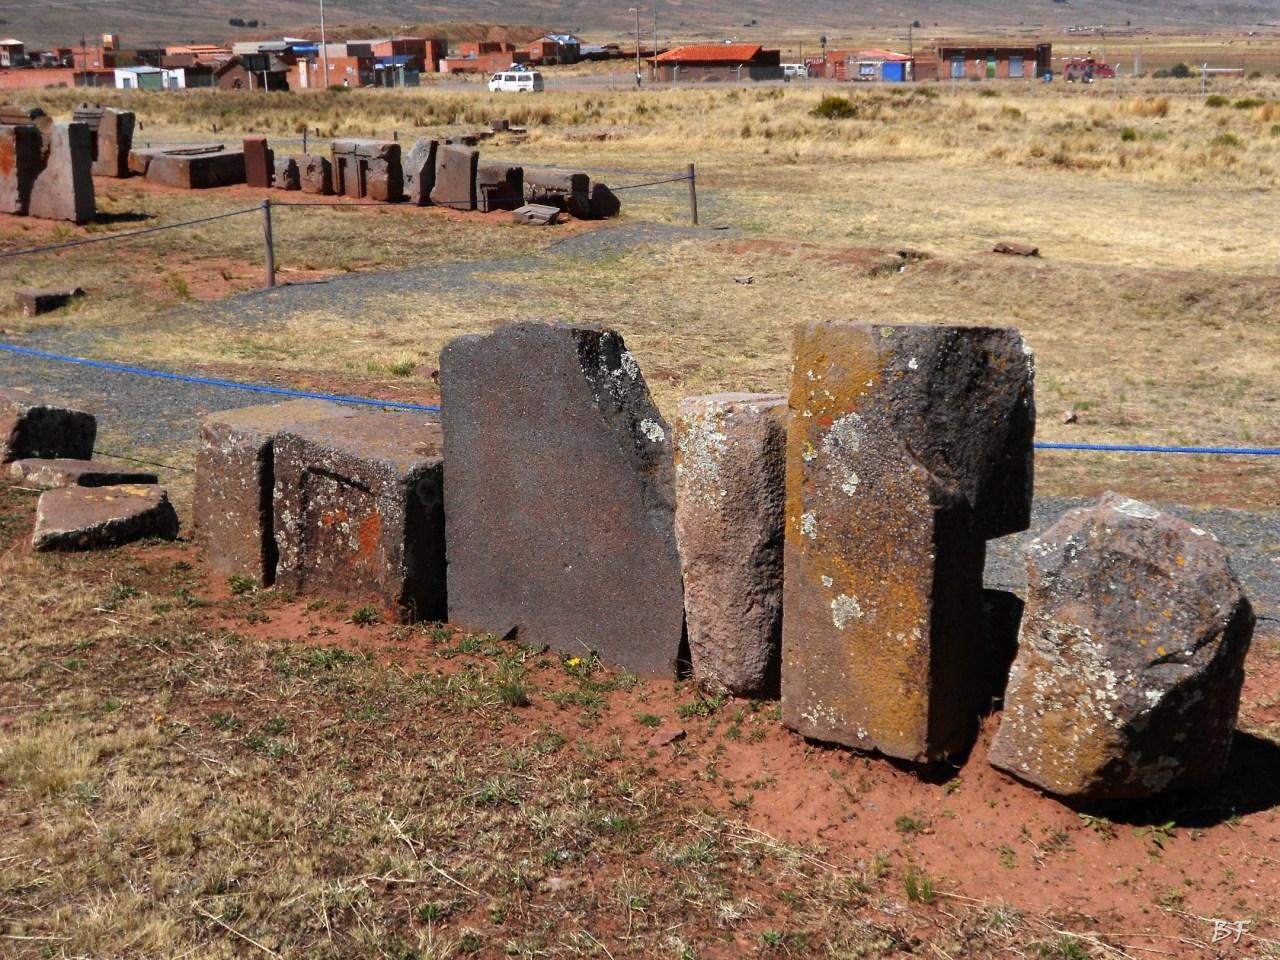 Puma-Punku-Area-Megalitica-Mura-Poligonali-Megaliti-Tiwanaku-Tiahuanaco-Bolivia-37